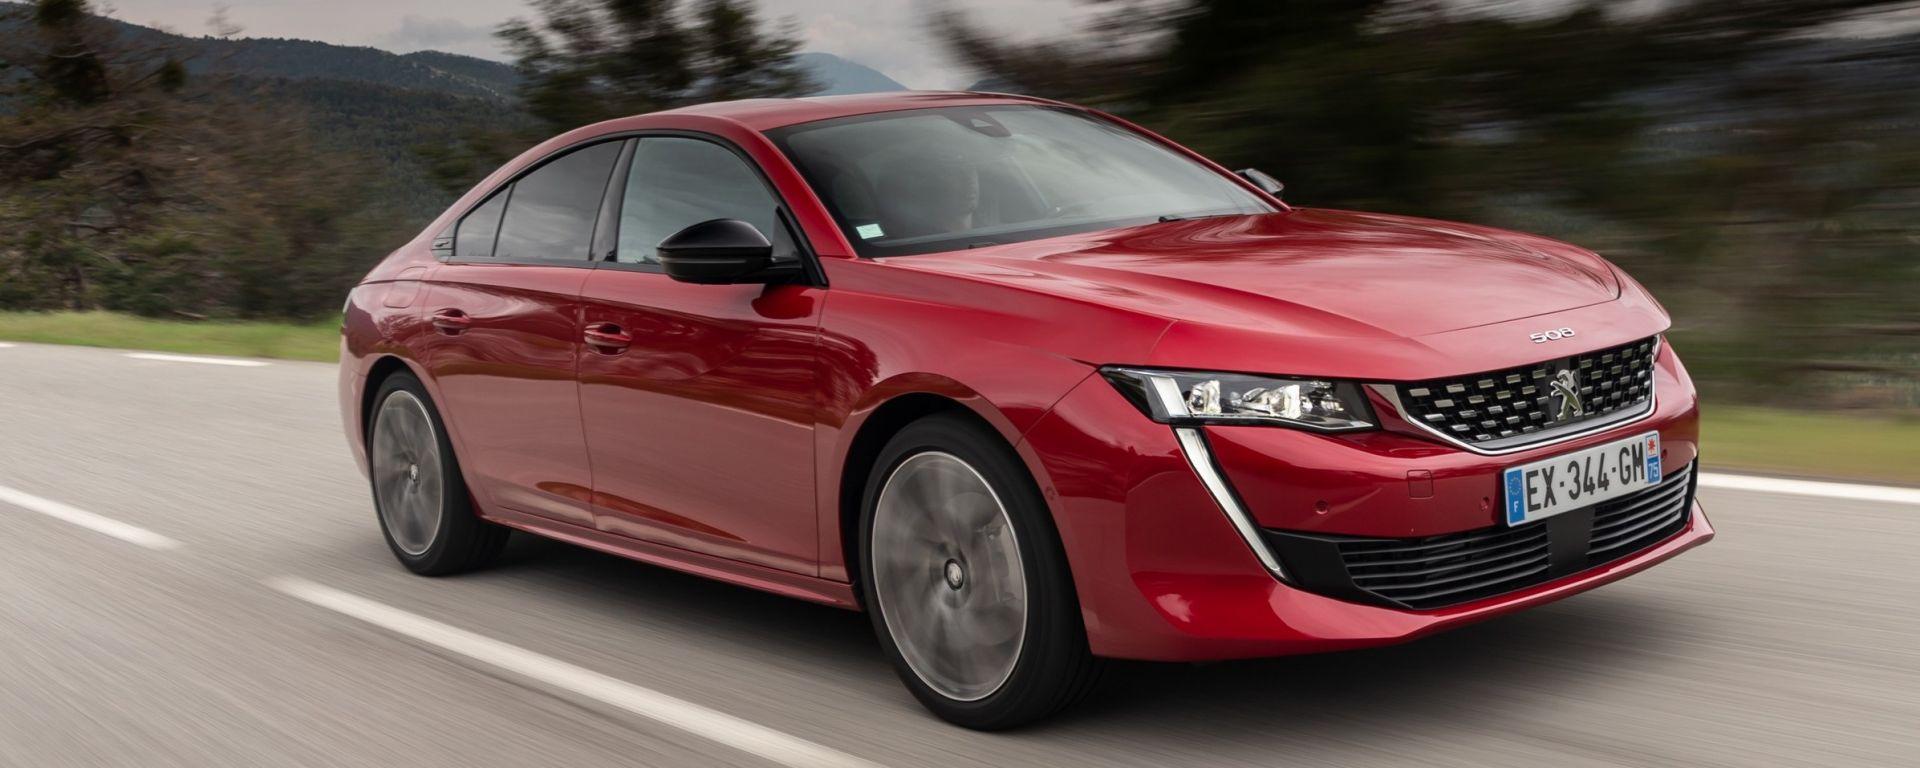 Peugeot 508: la prova su strada della nuova berlina coupé